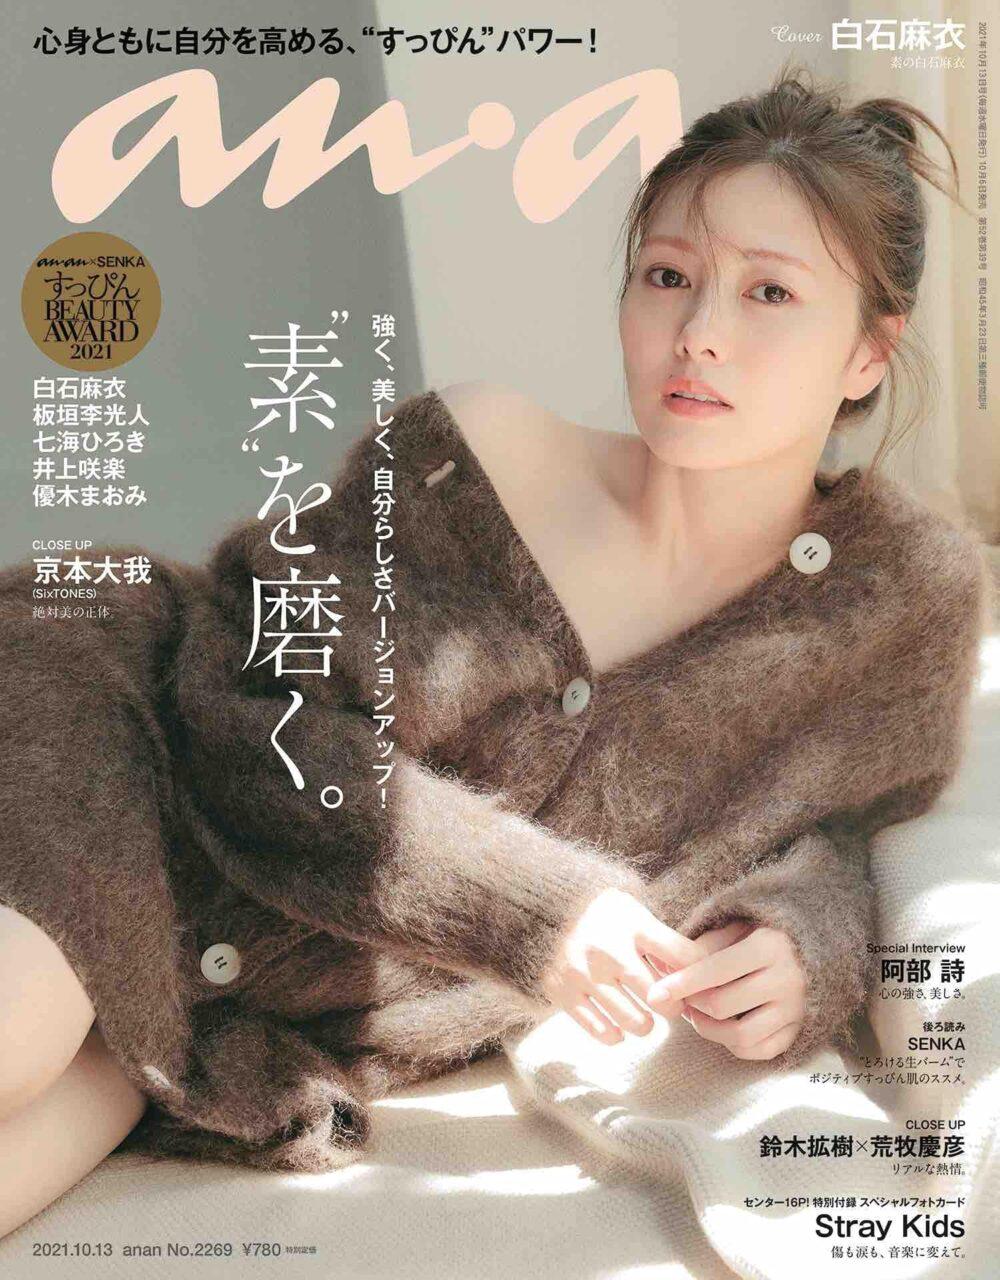 白石麻衣が表紙に登場!「anan No.2269」10/6発売!